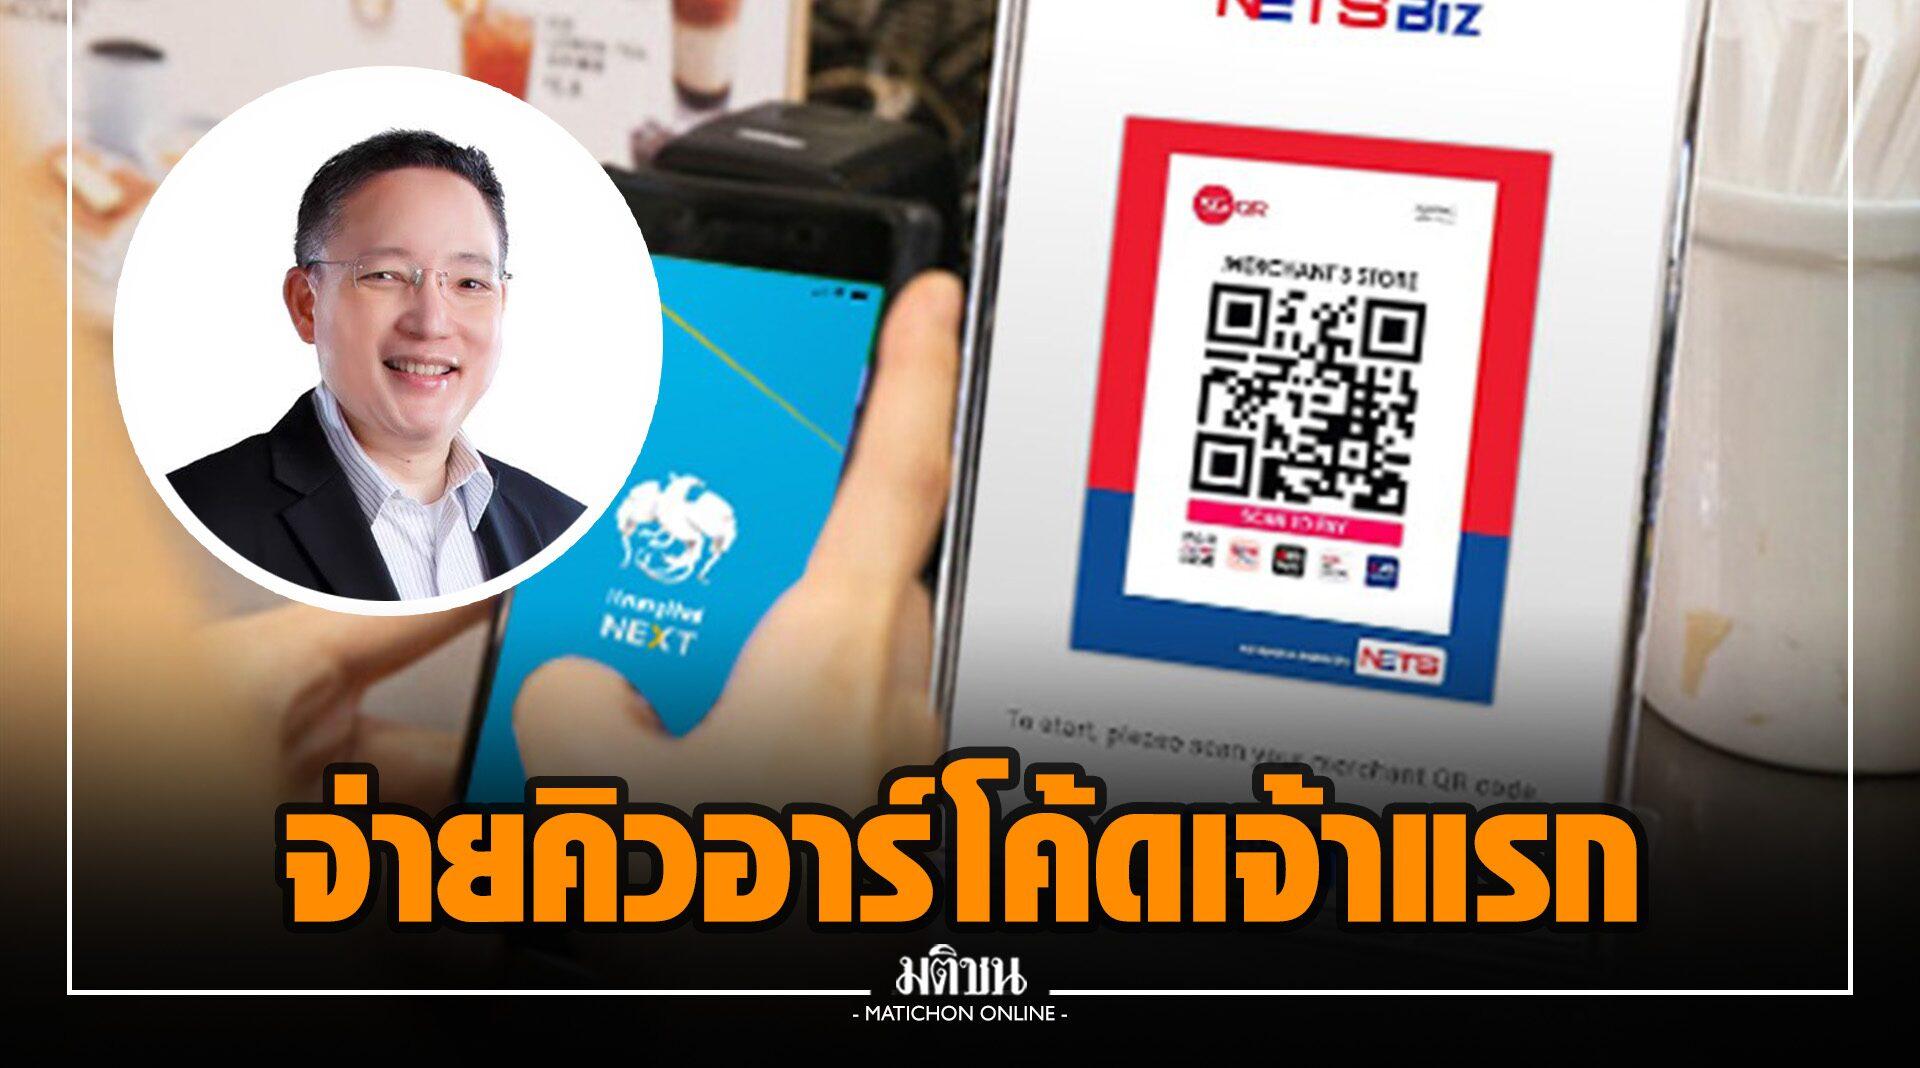 กรุงไทย เปิดจ่ายเงินด้วย QR Code ไทย-สิงคโปร์ ผ่าน Krungthai NEXT เป็นเจ้าแรก